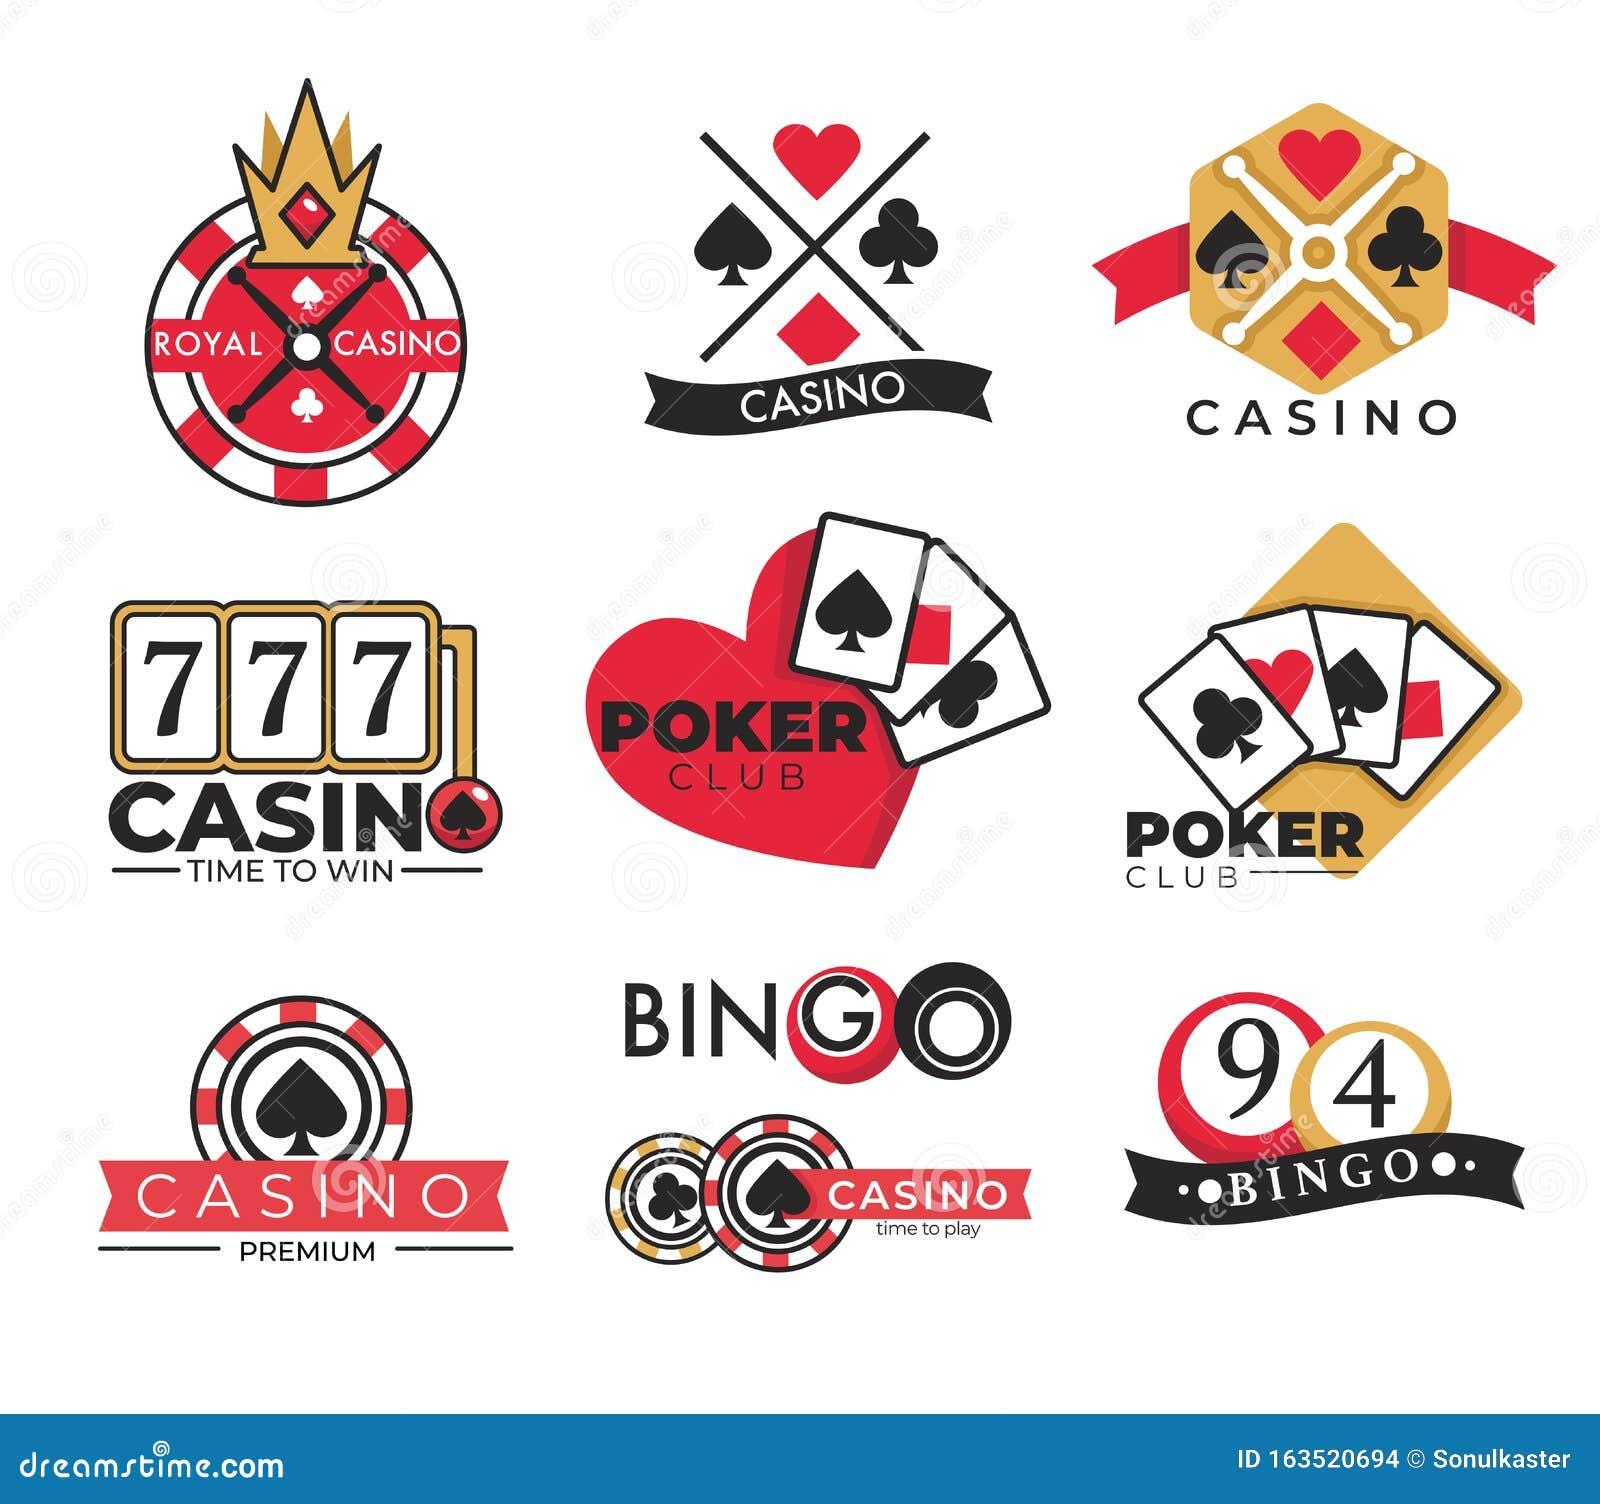 Casino club играть бесплатно рейтинг бездепозитных онлайн казино